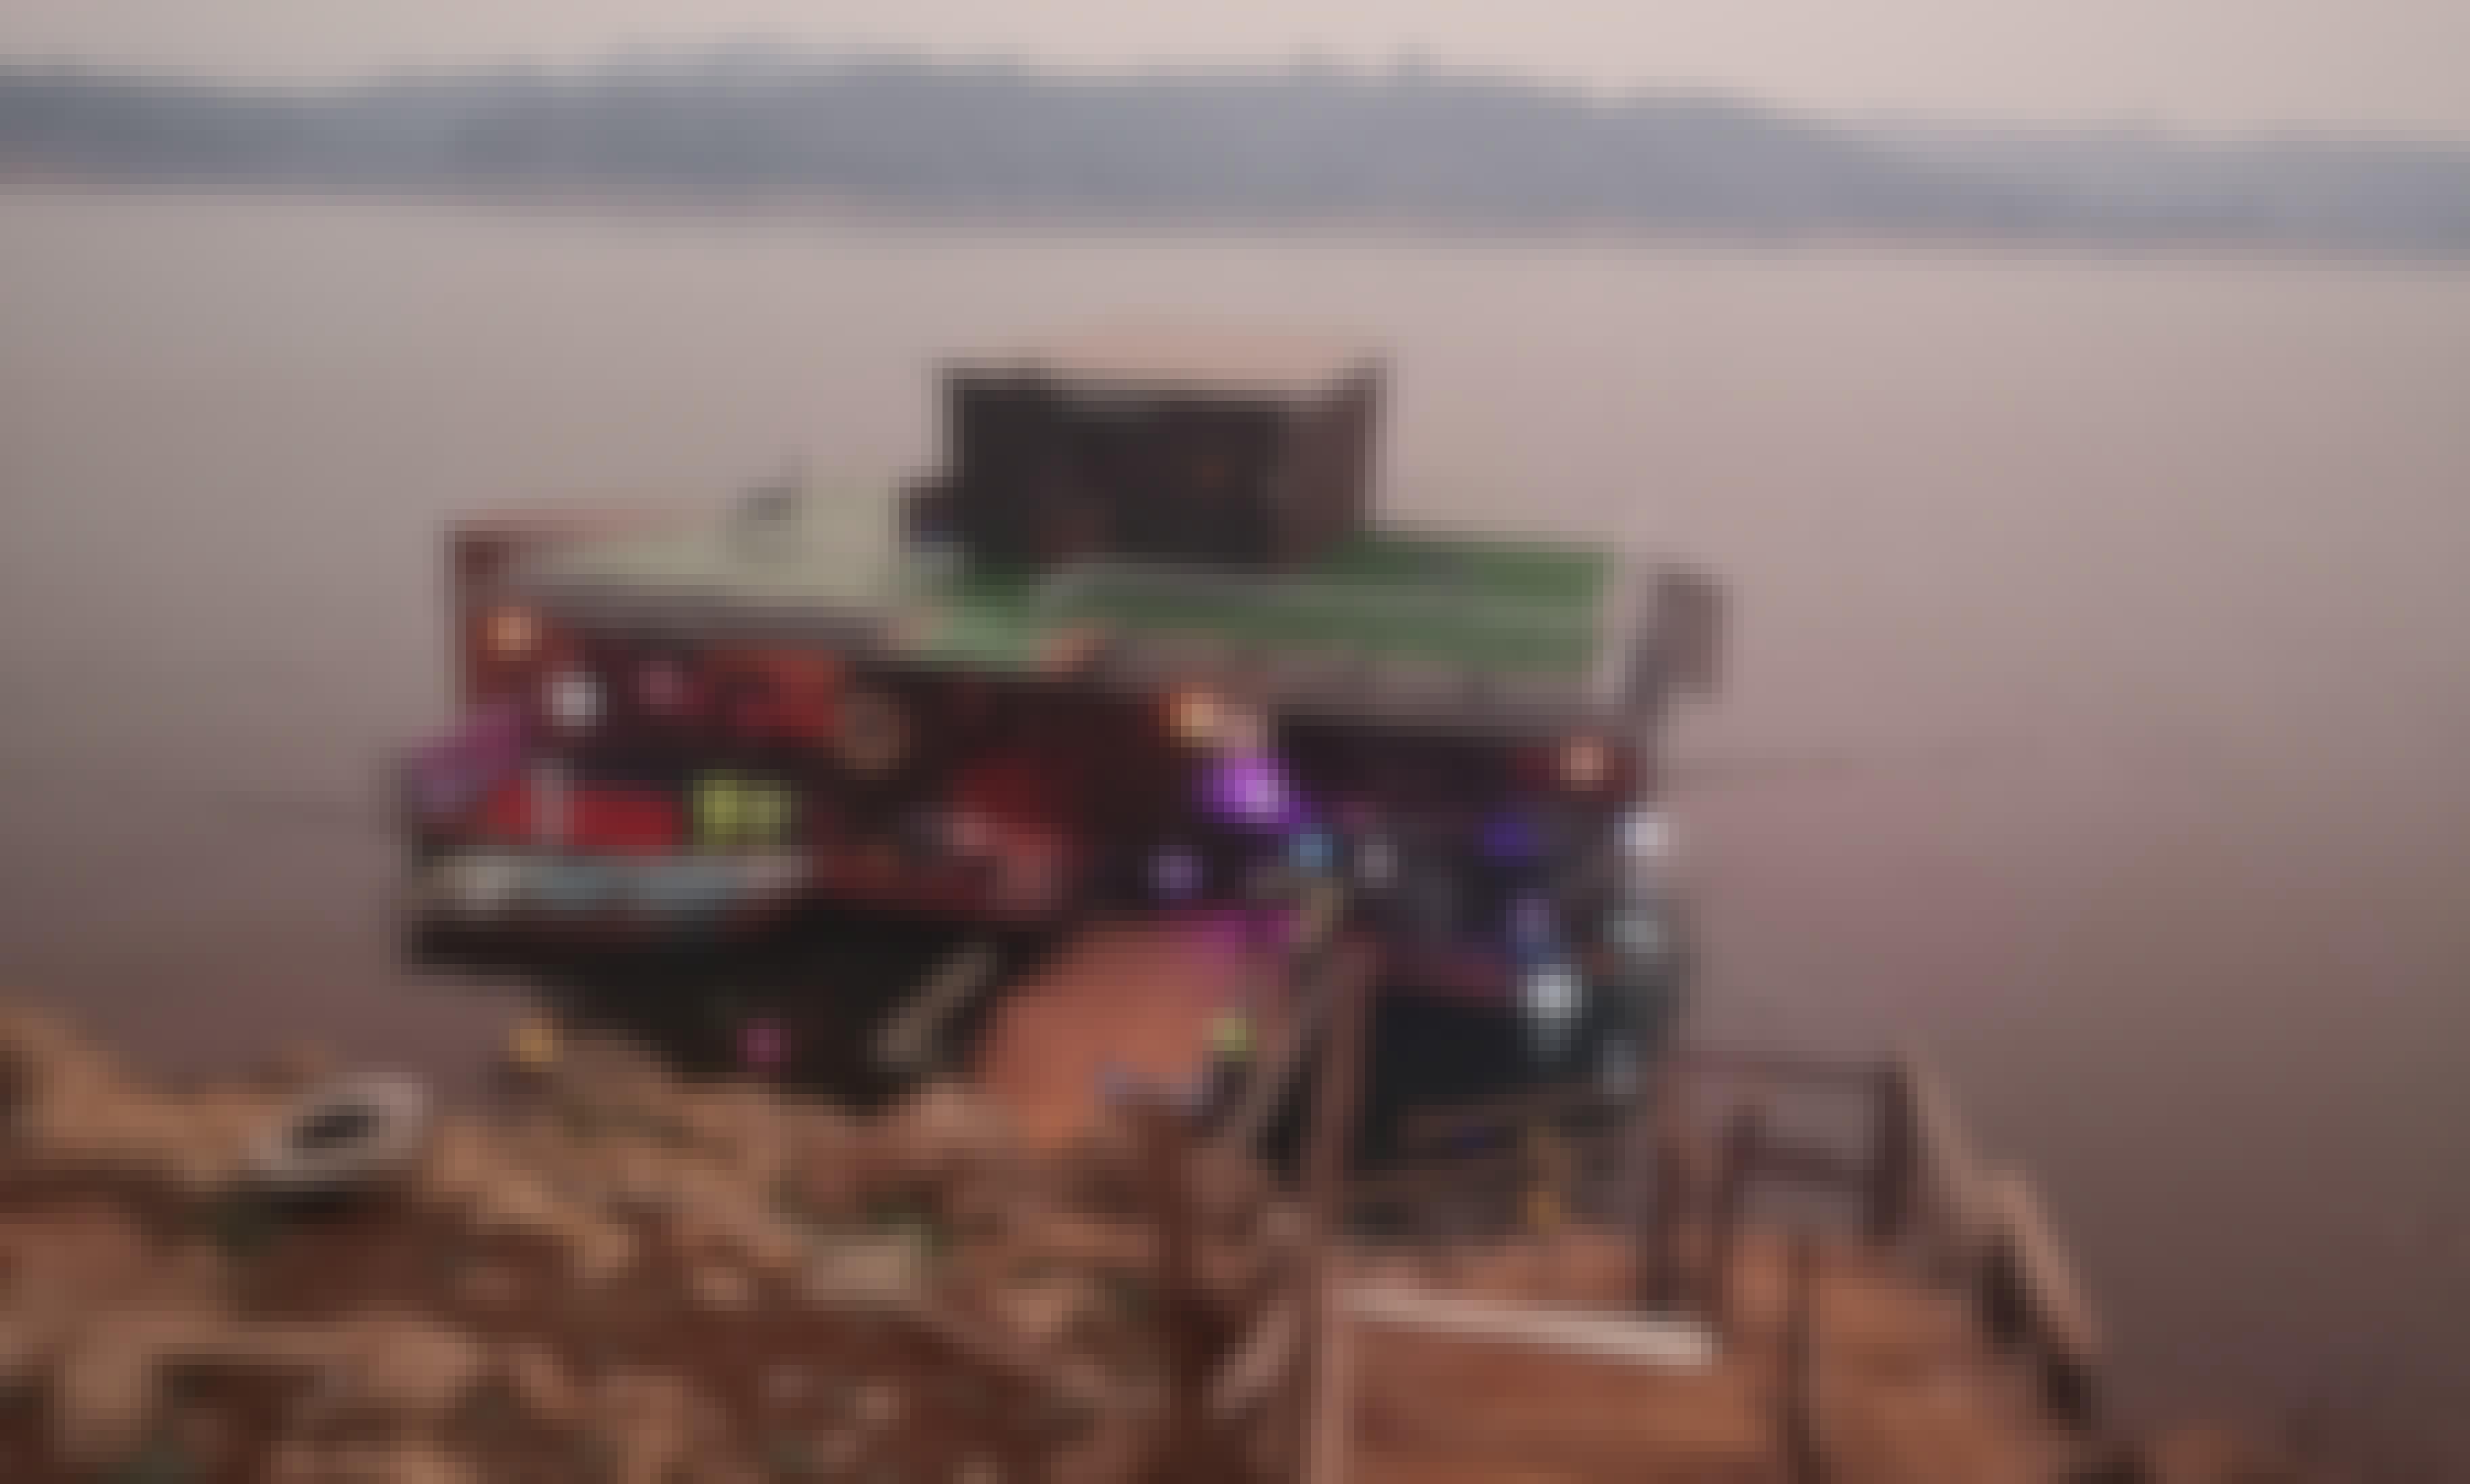 Rent a Houseboat in Tambon Tha Kha-nun, Thailand